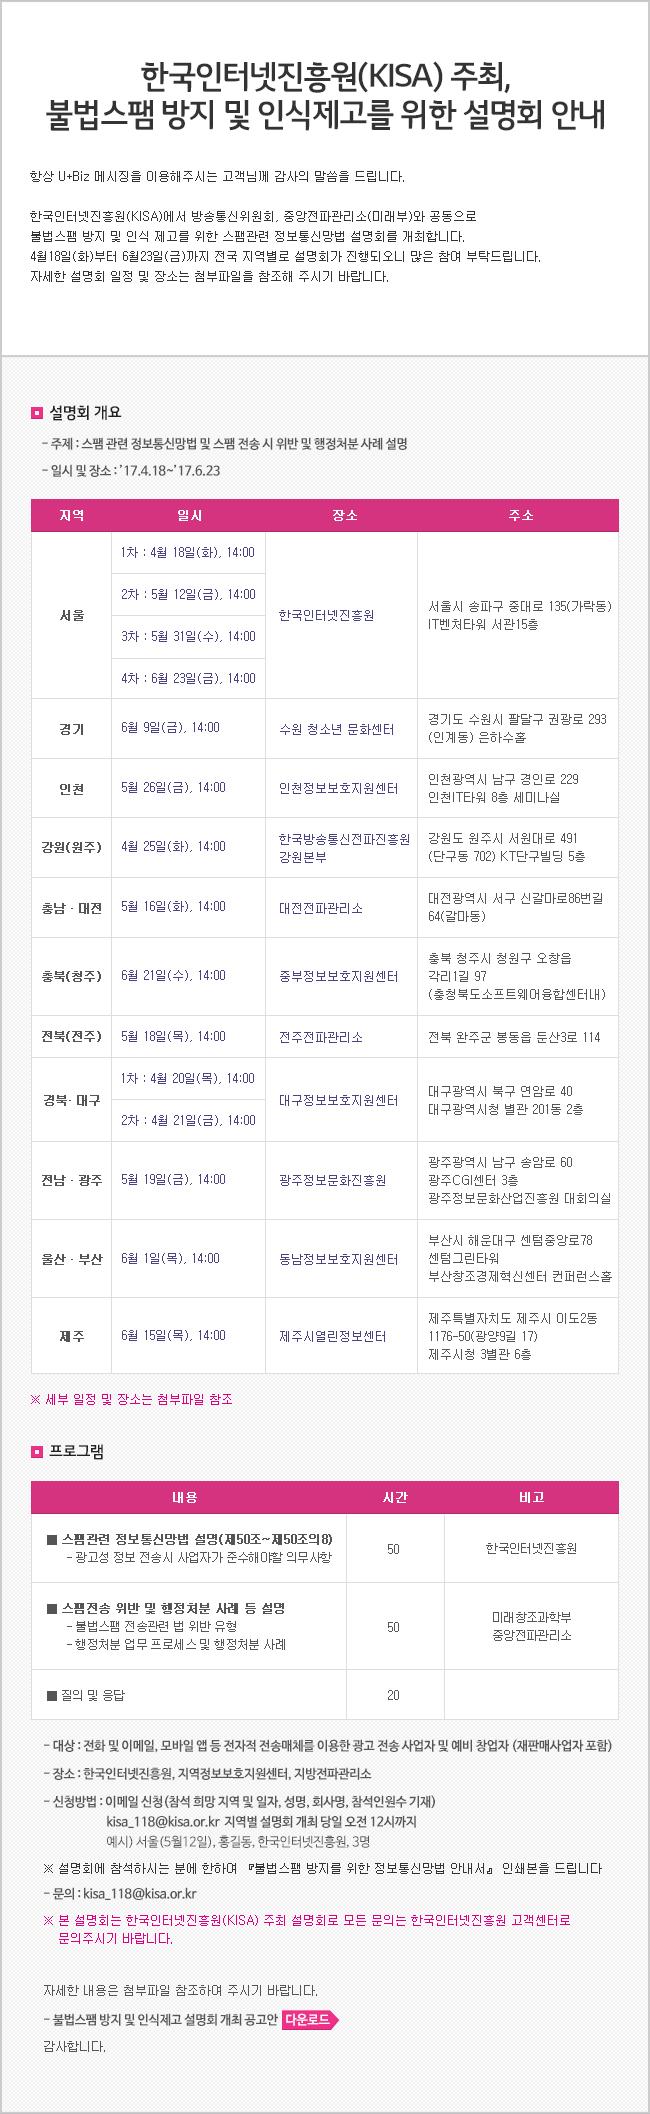 한국인터넷진흥원 주최, 불법스팸 방지 및 인식제고를 위한 설명회 안내